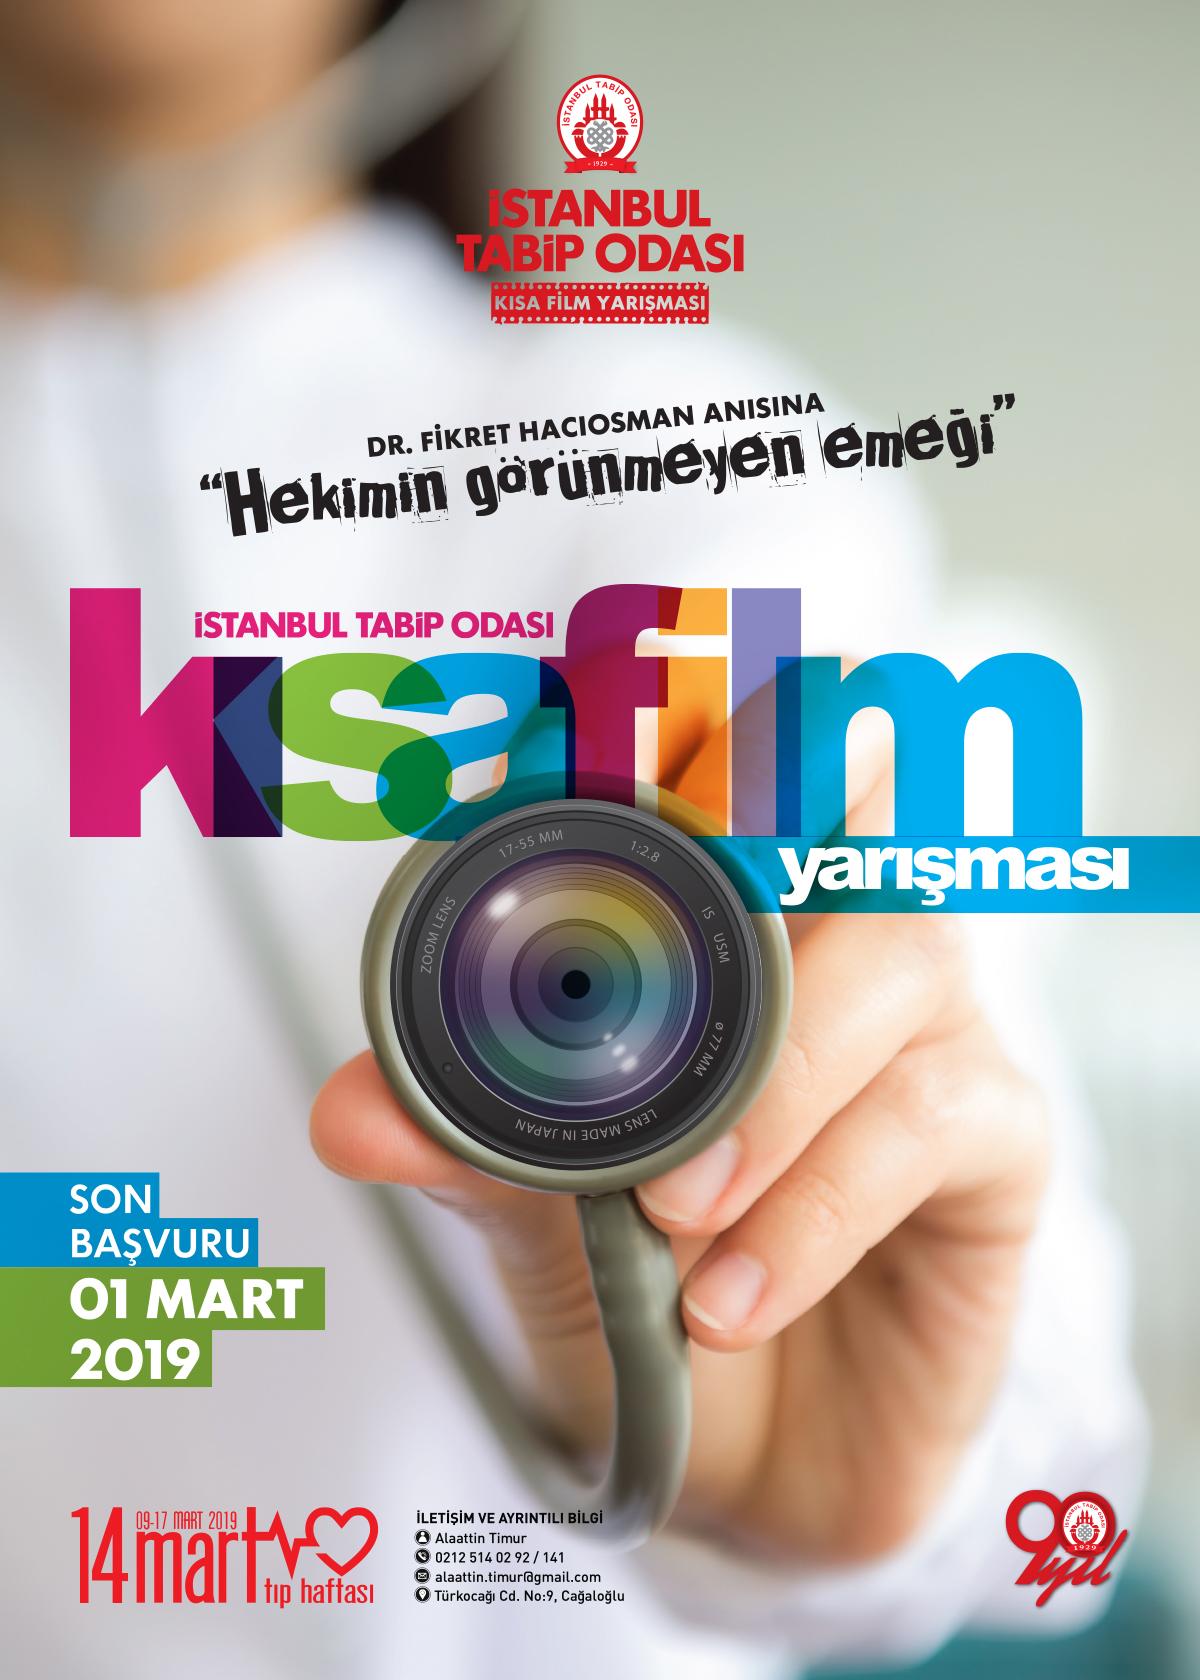 https://www.istabip.org.tr/formlar/kisa-film-yarismasi/